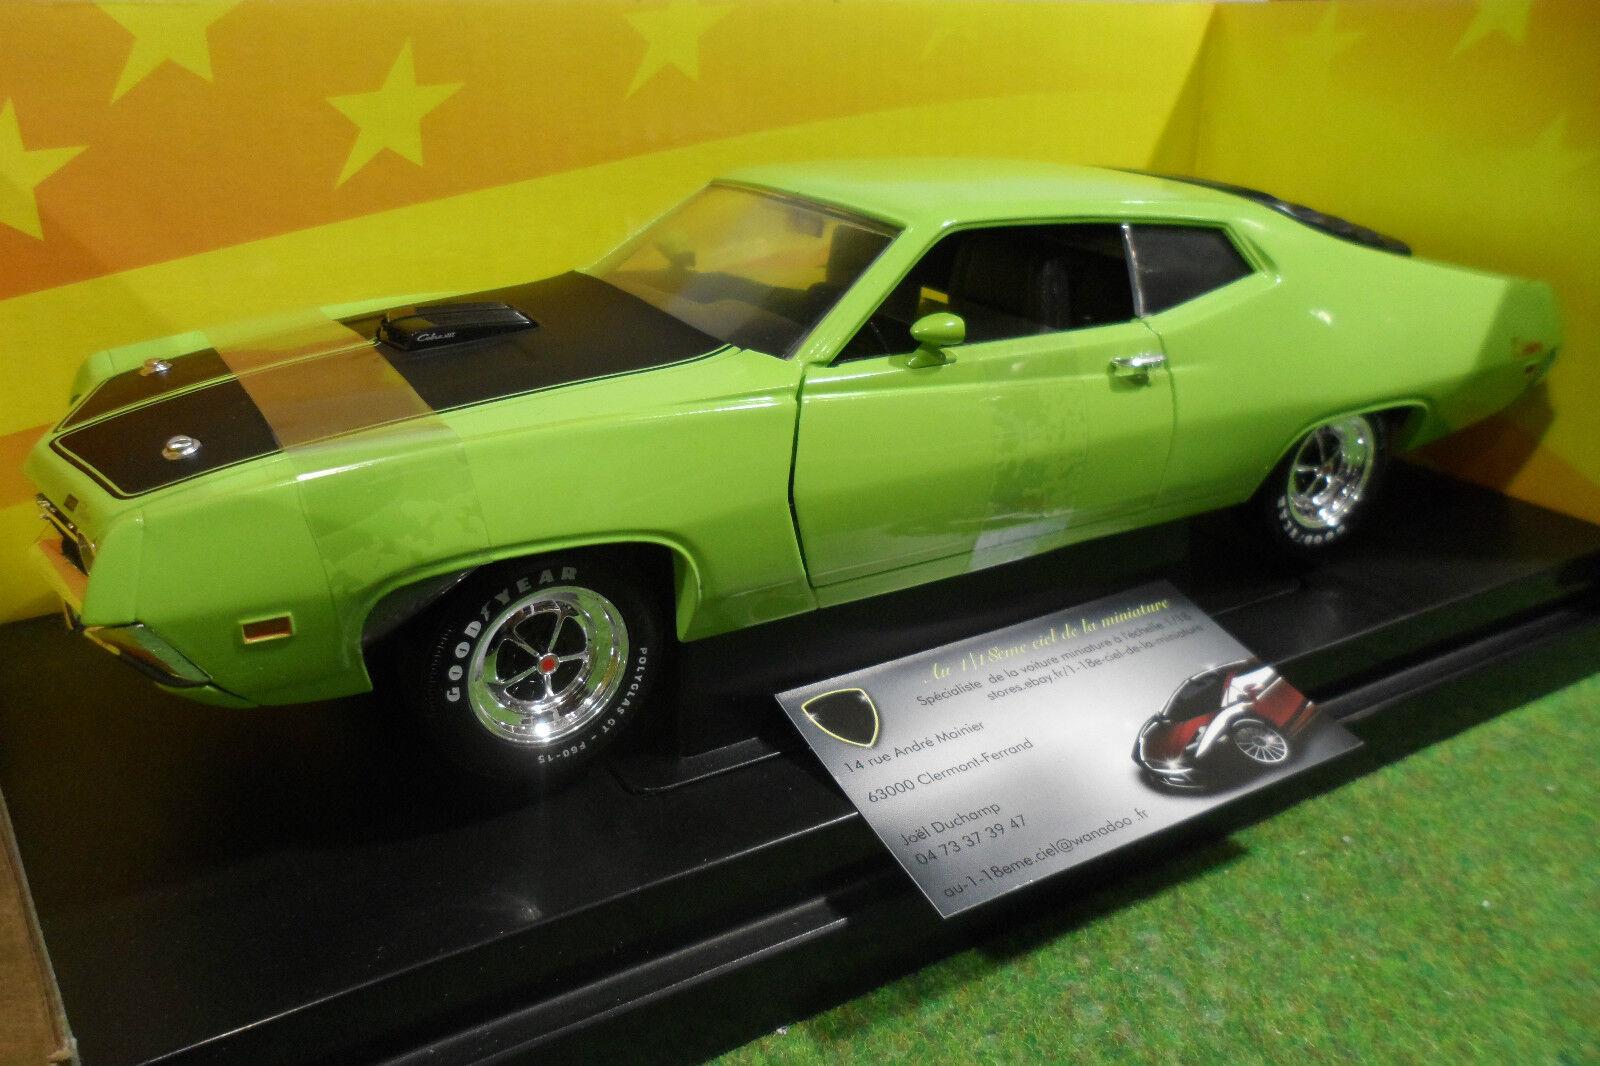 FORD TORINO Cobra 1971 green au 1 18 AMERICAN MUSCLE ERTL 36383 voiture miniature